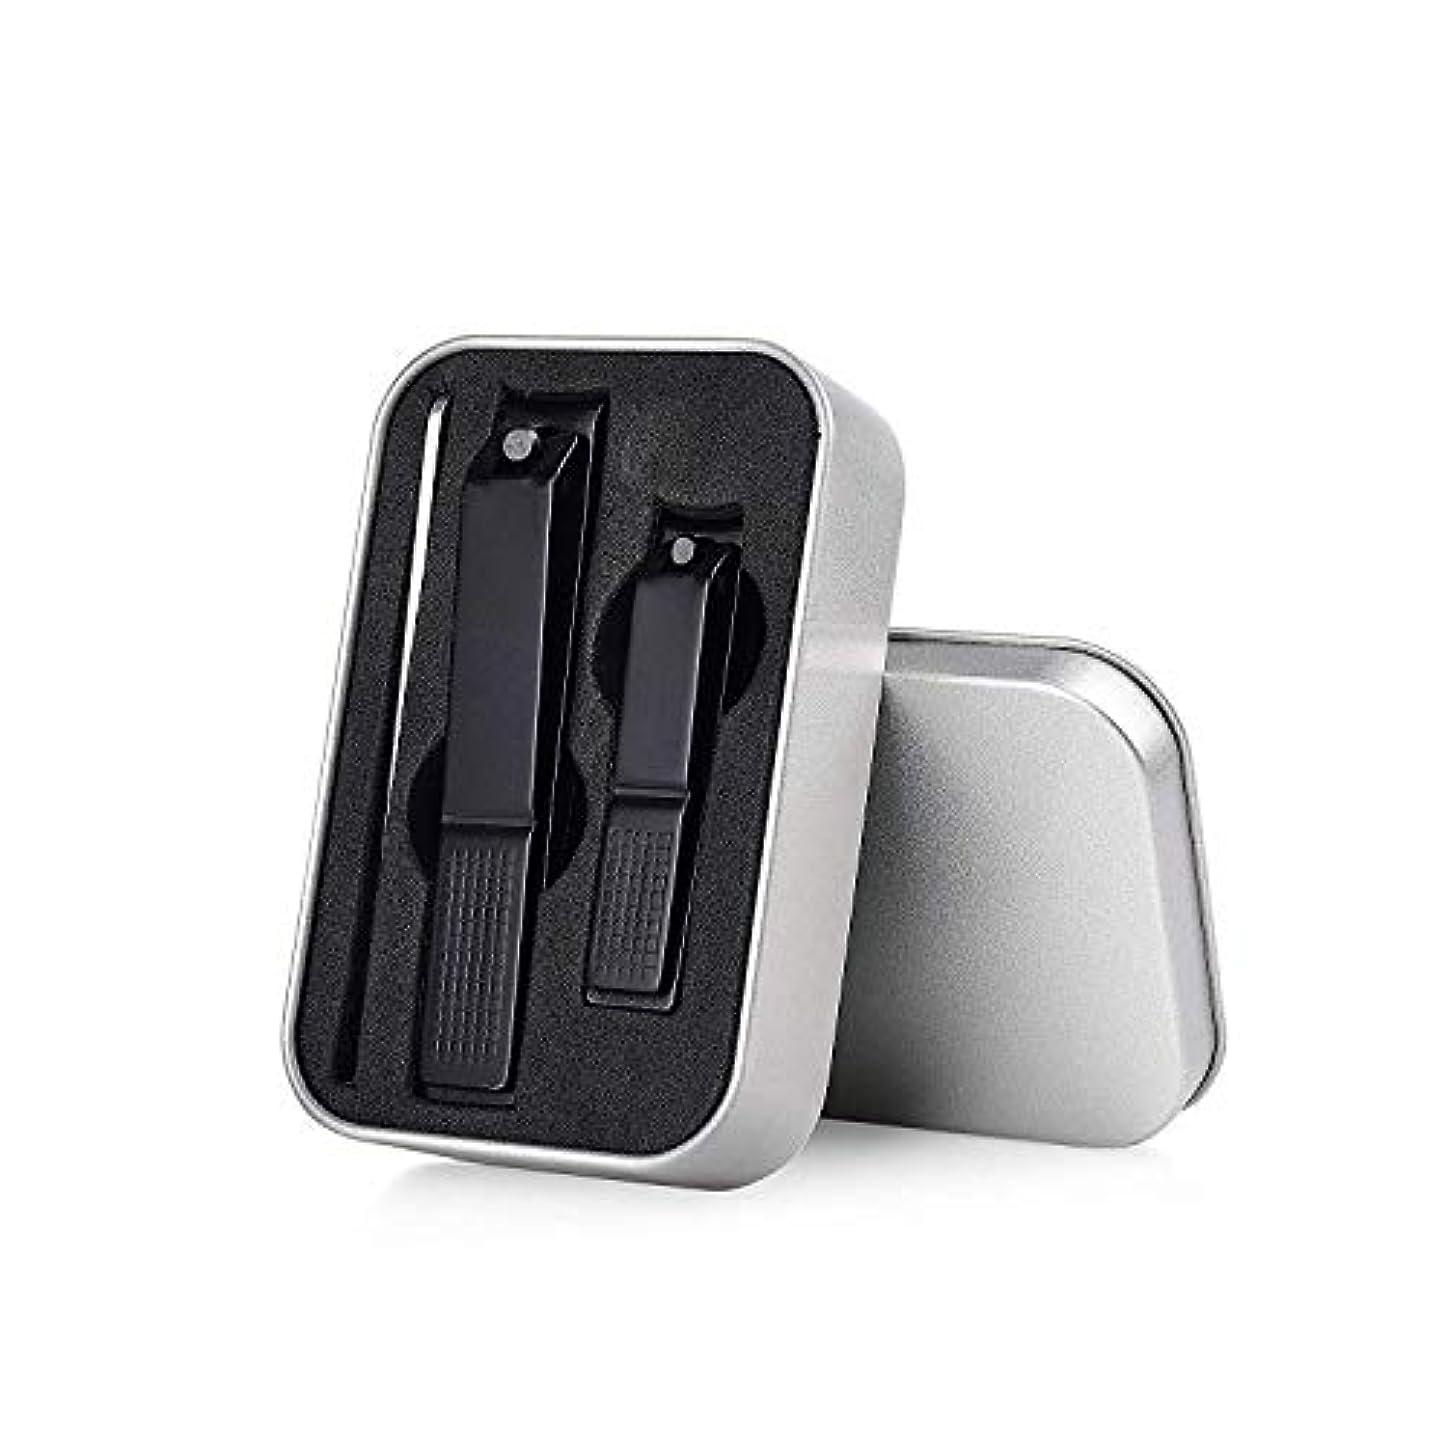 同行適応同志爪&爪+爪やすり(クリーナー)用3ピースネイルクリッパーキット(トラベルケース付き)-シャープネイルカッターセット、満足度100%返金保証